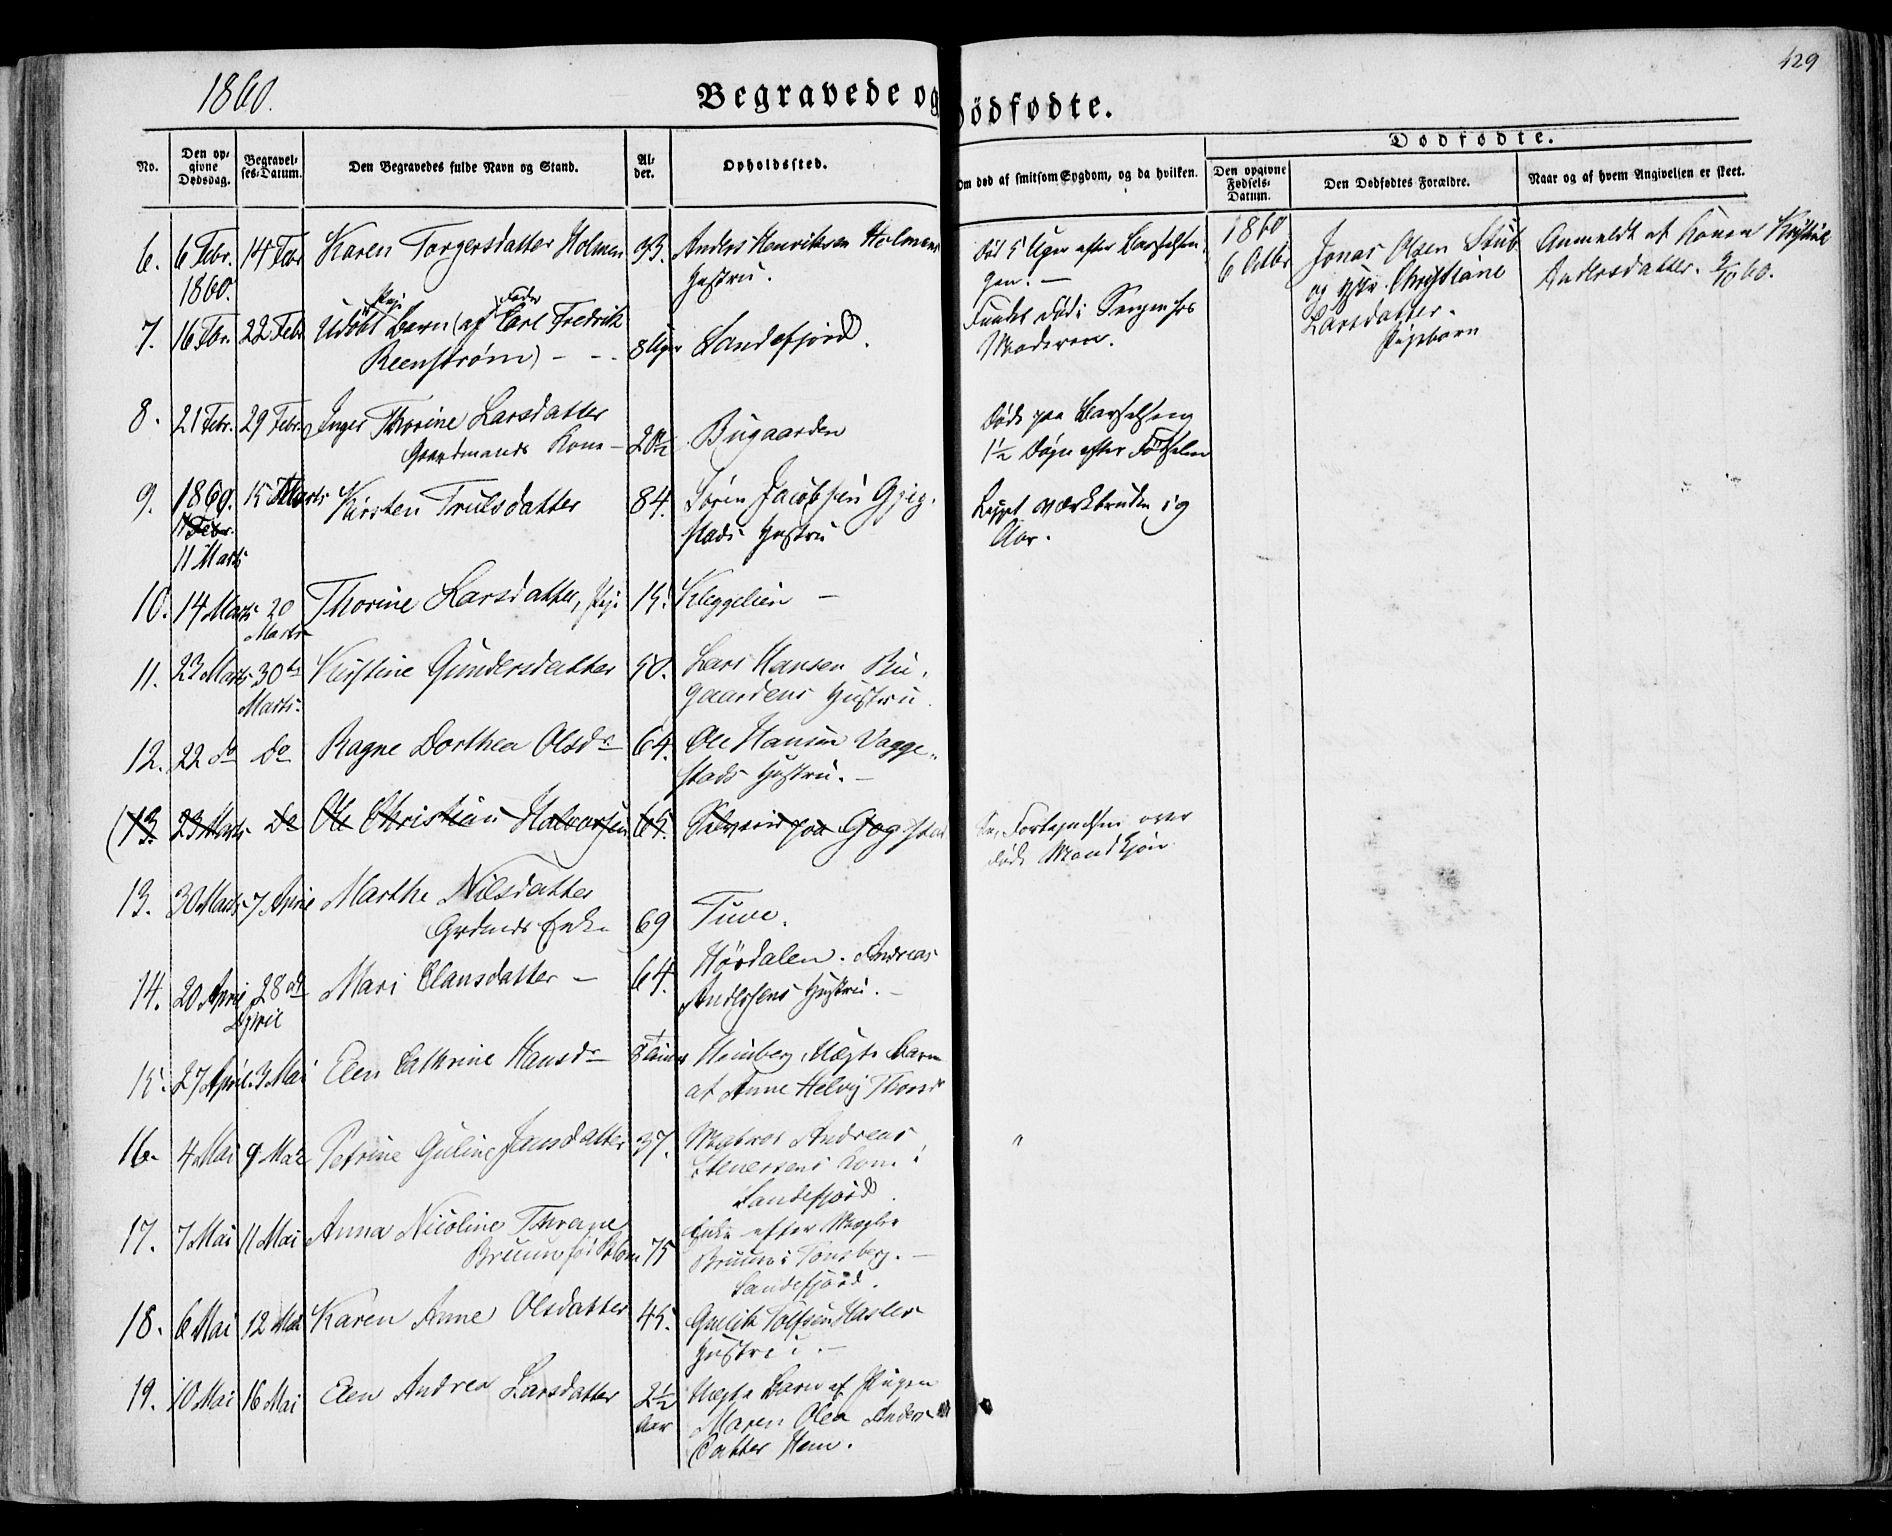 SAKO, Sandar kirkebøker, F/Fa/L0007: Ministerialbok nr. 7, 1855-1861, s. 429